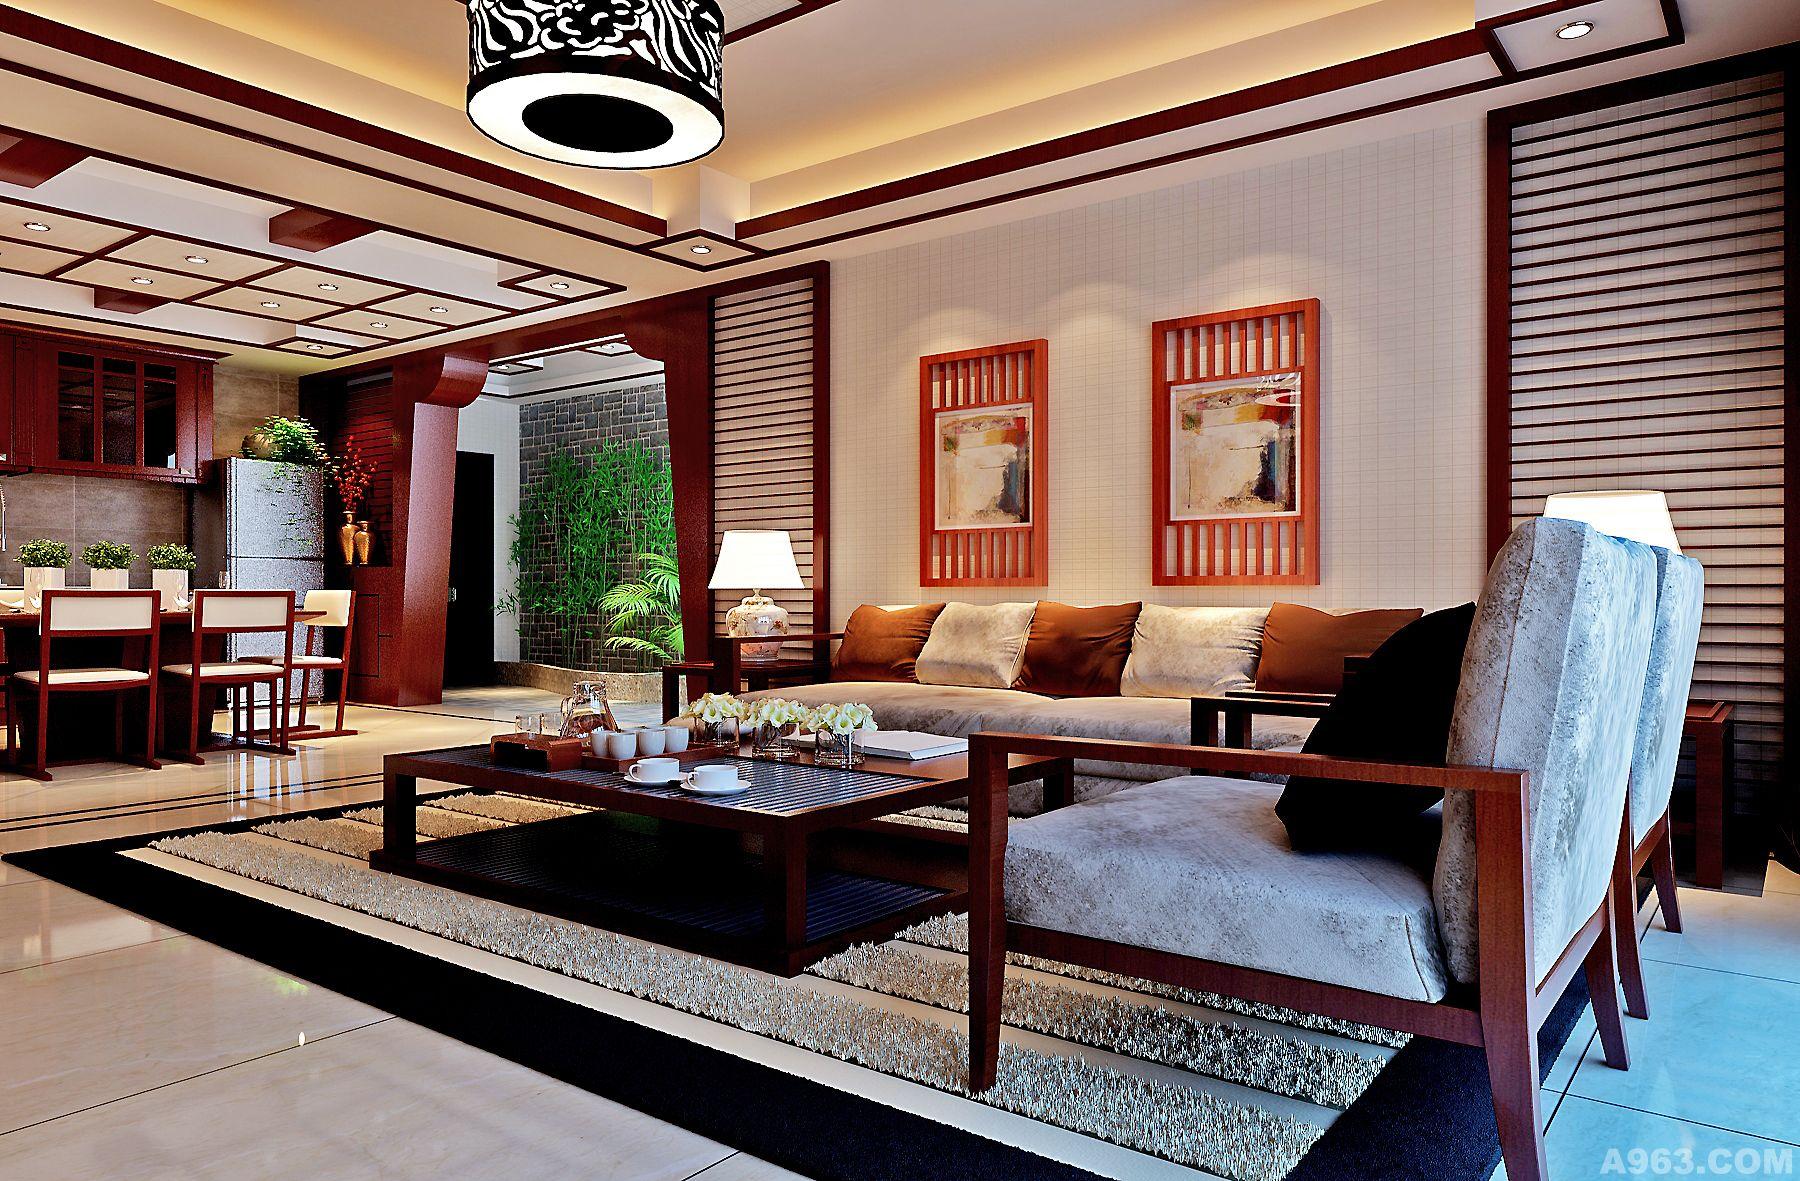 广州北部湾小区东南亚风格装修效果图 客厅